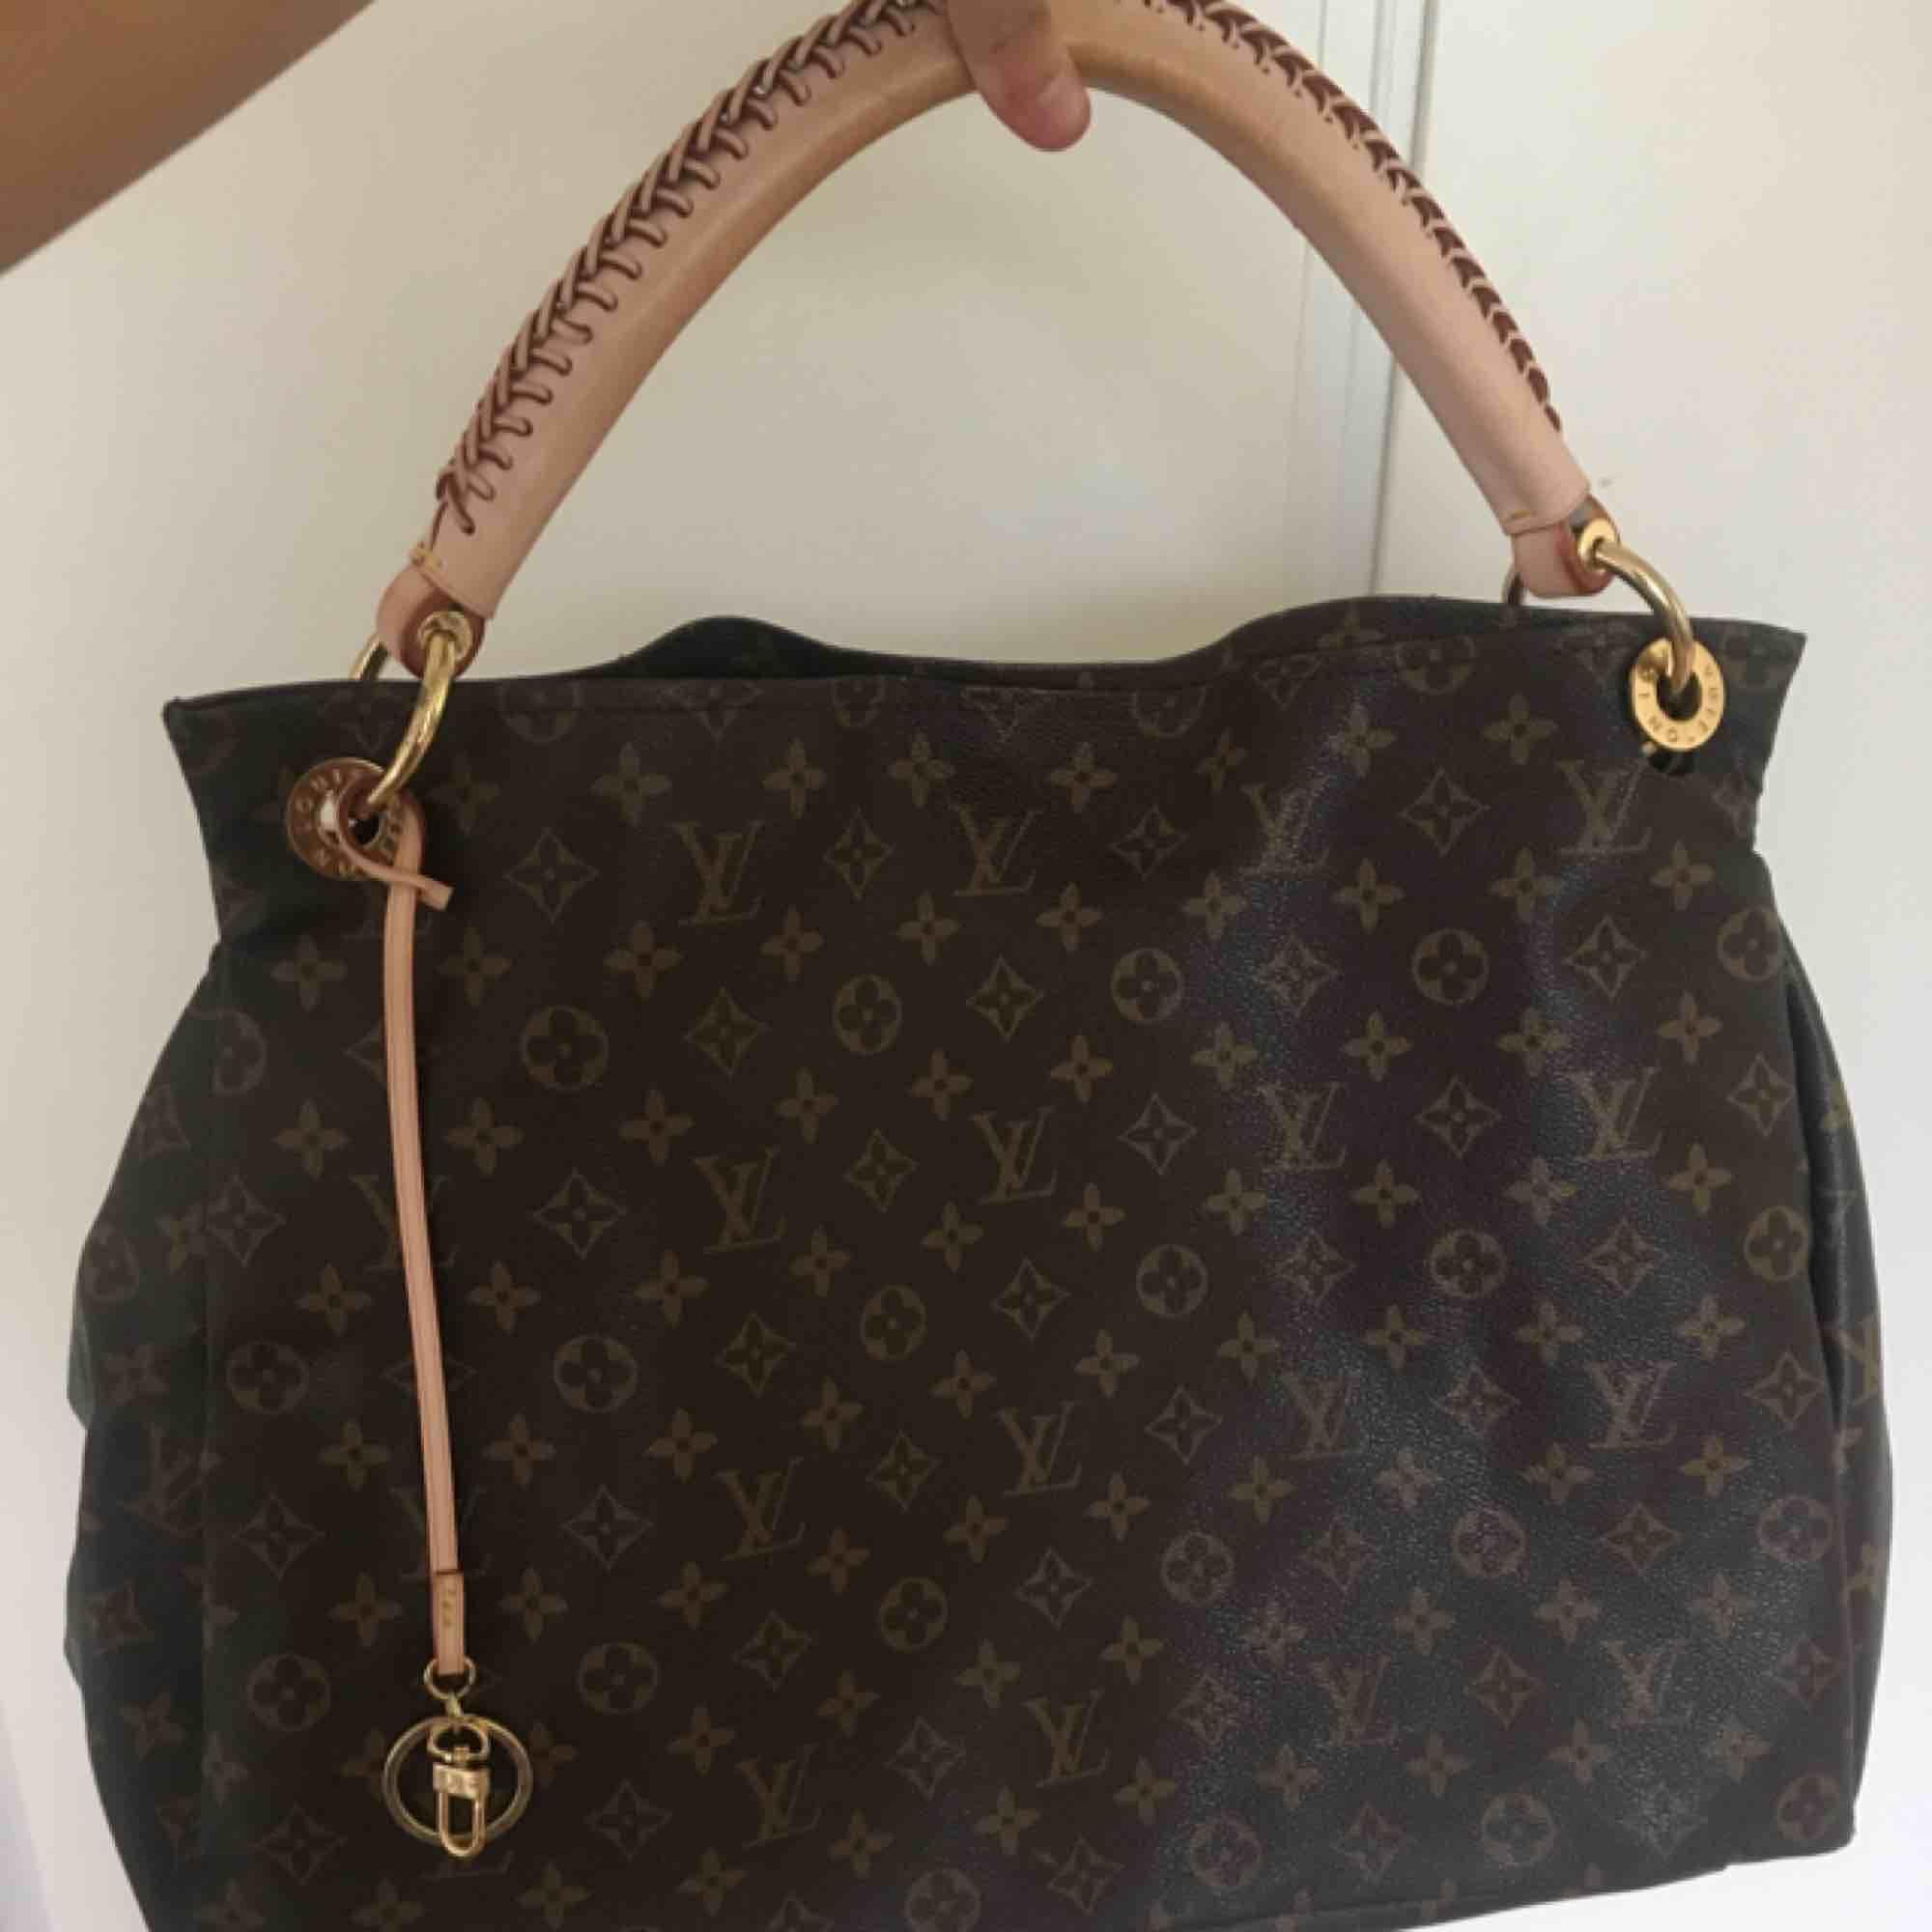 Mycket fin Louis Vuitton väska, ej äkta men väldigt snarlik. Är större än vad den framstår på i bild. Pris kan diskuteras vid snabb affär. hör av dig om du vill ha fler bilder på den.  Kan frakta eller mötas upp!. Väskor.